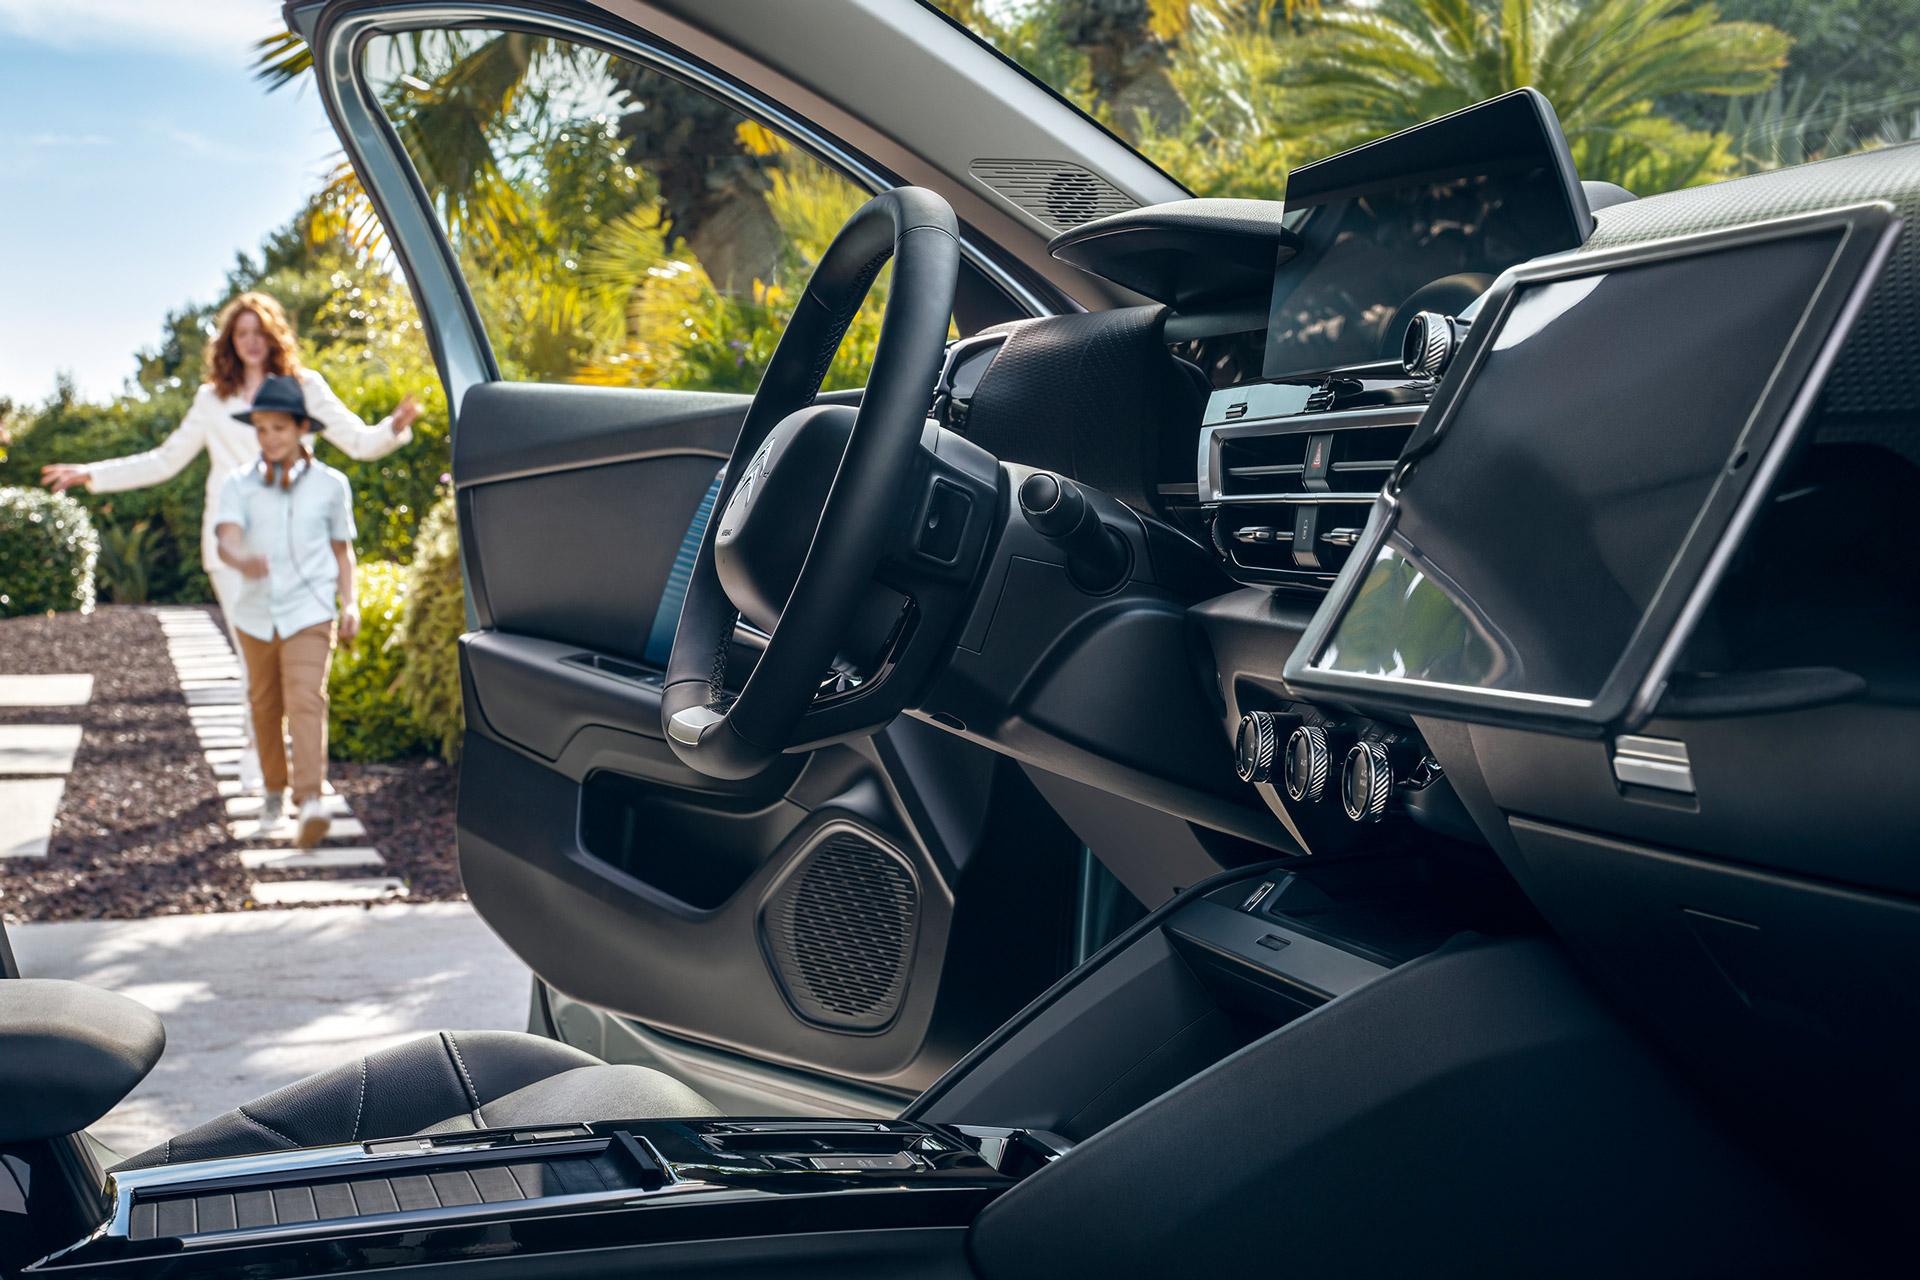 Citroën C4 som holder derhjemme